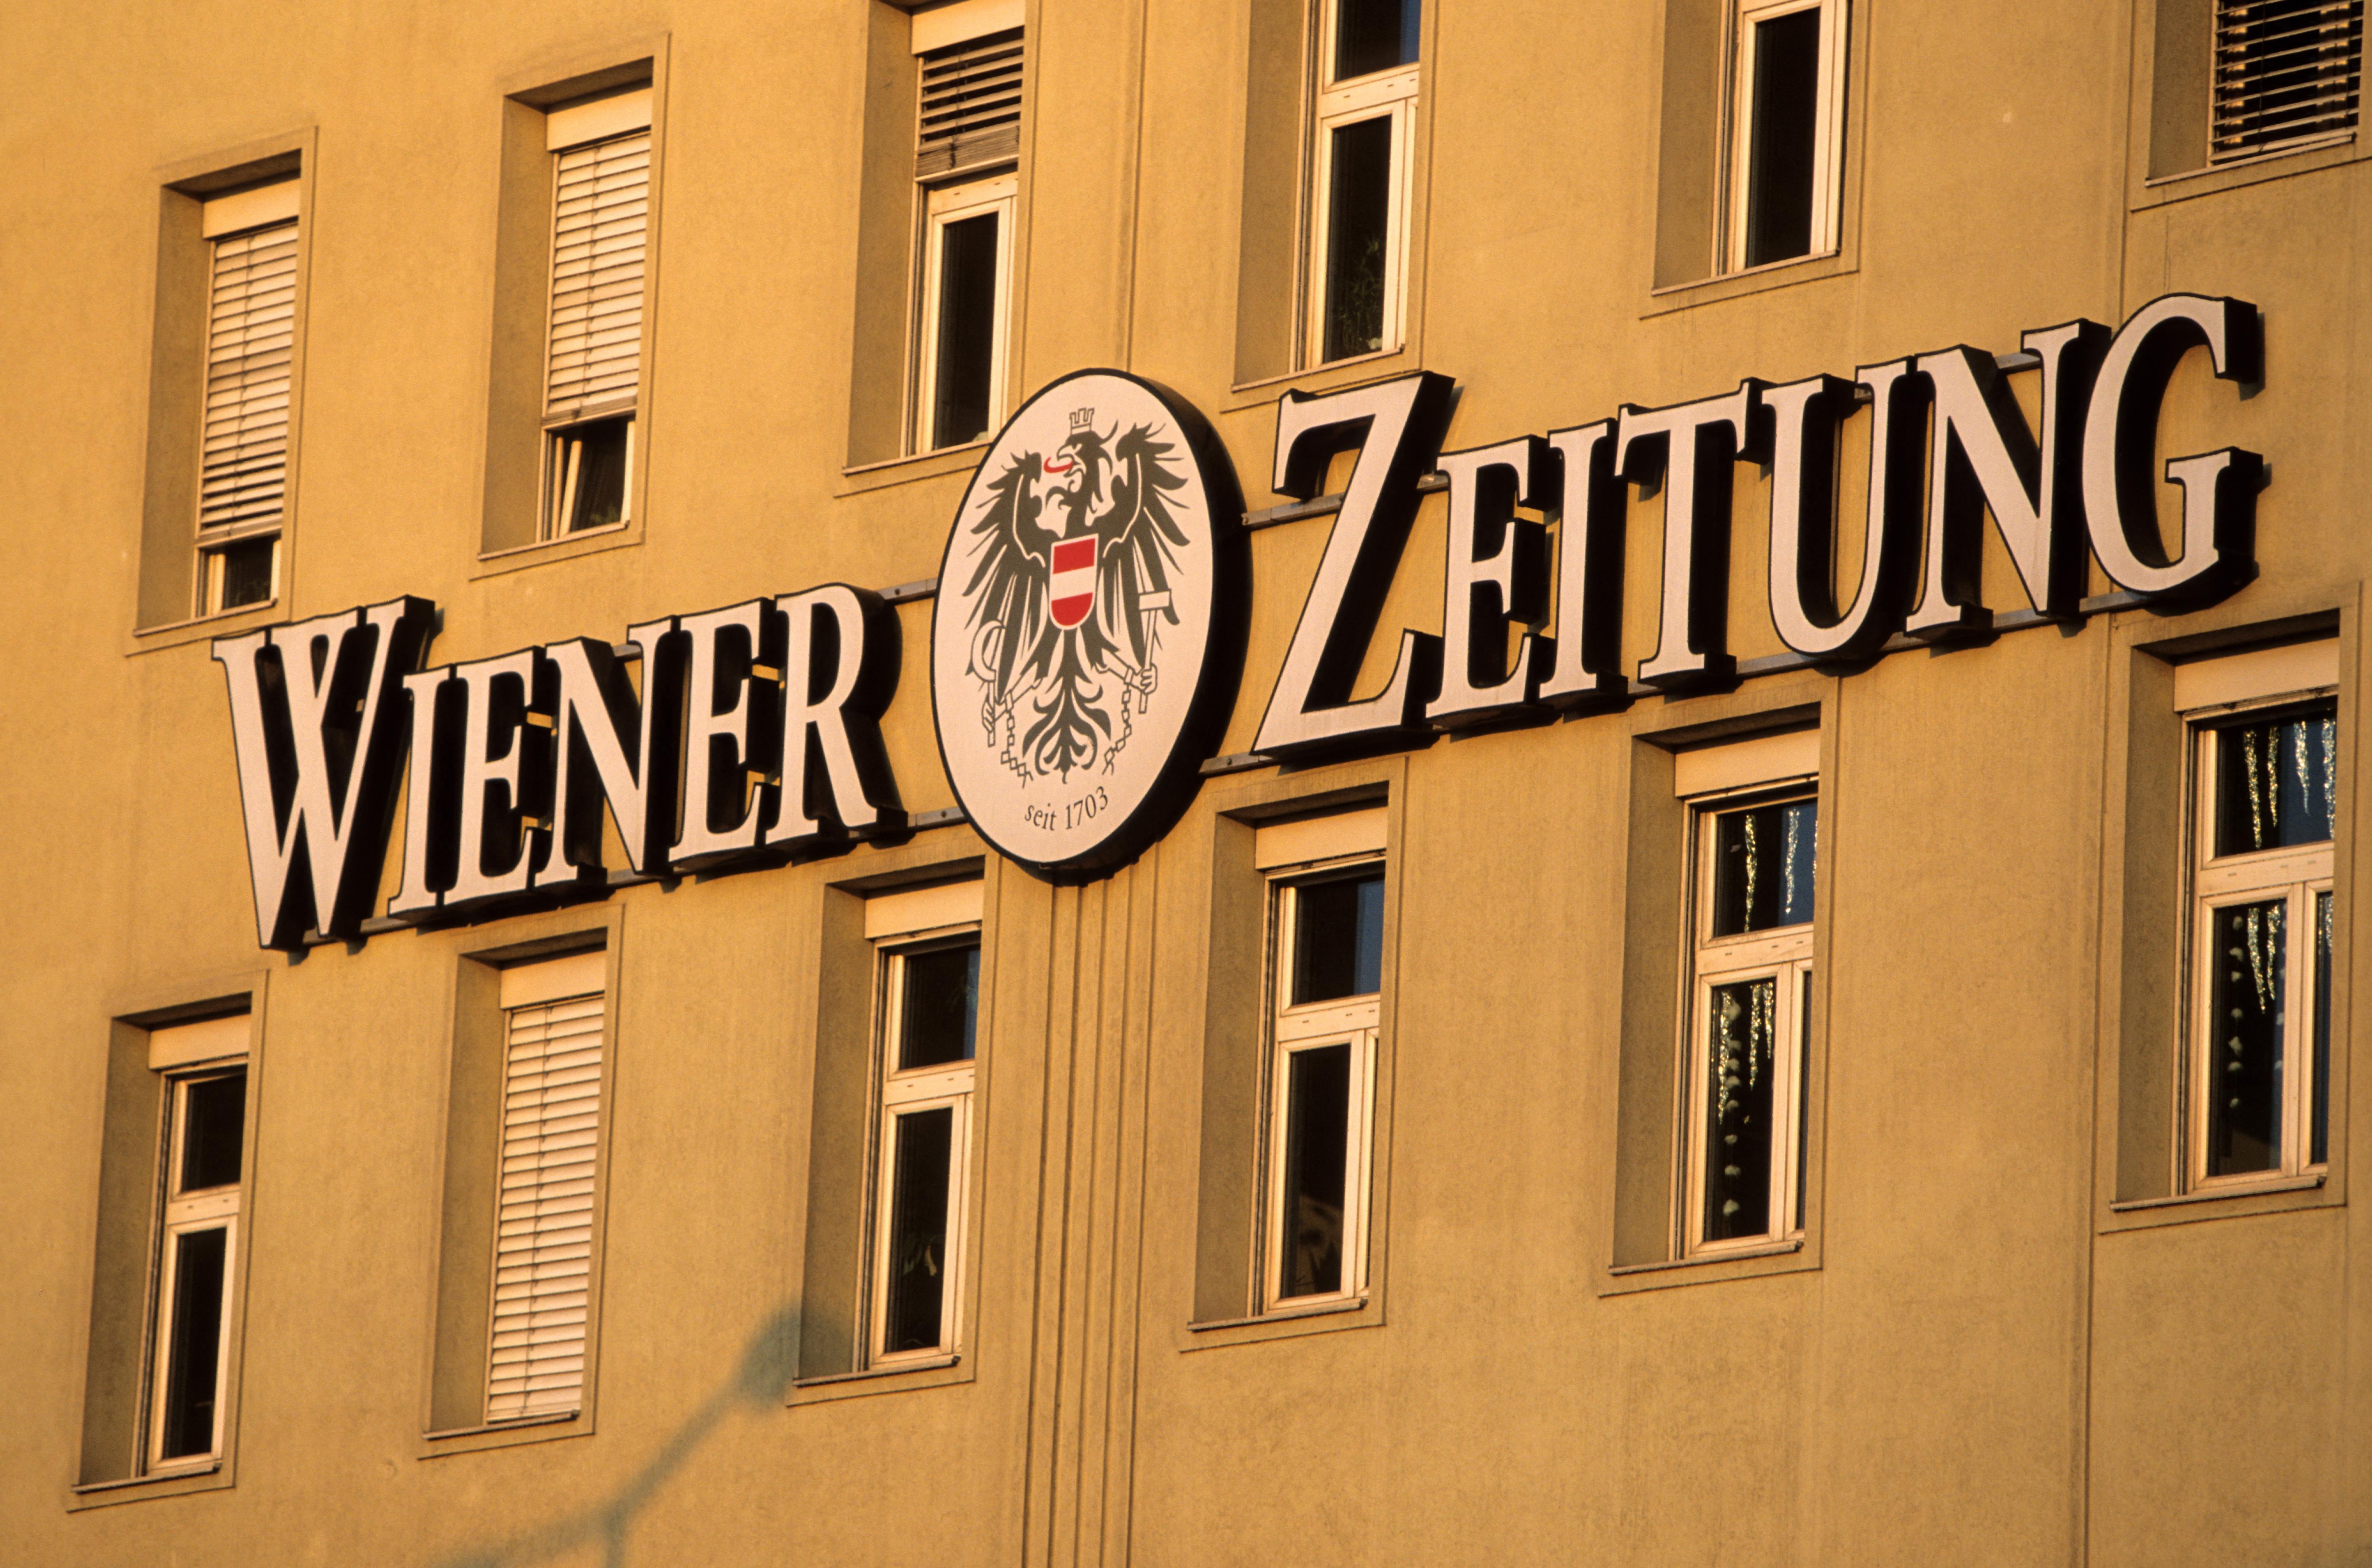 A 318 éves Wiener Zeitung eddig mindent túlélt, de Sebastian Kurzot már nem biztos, hogy túl fogja